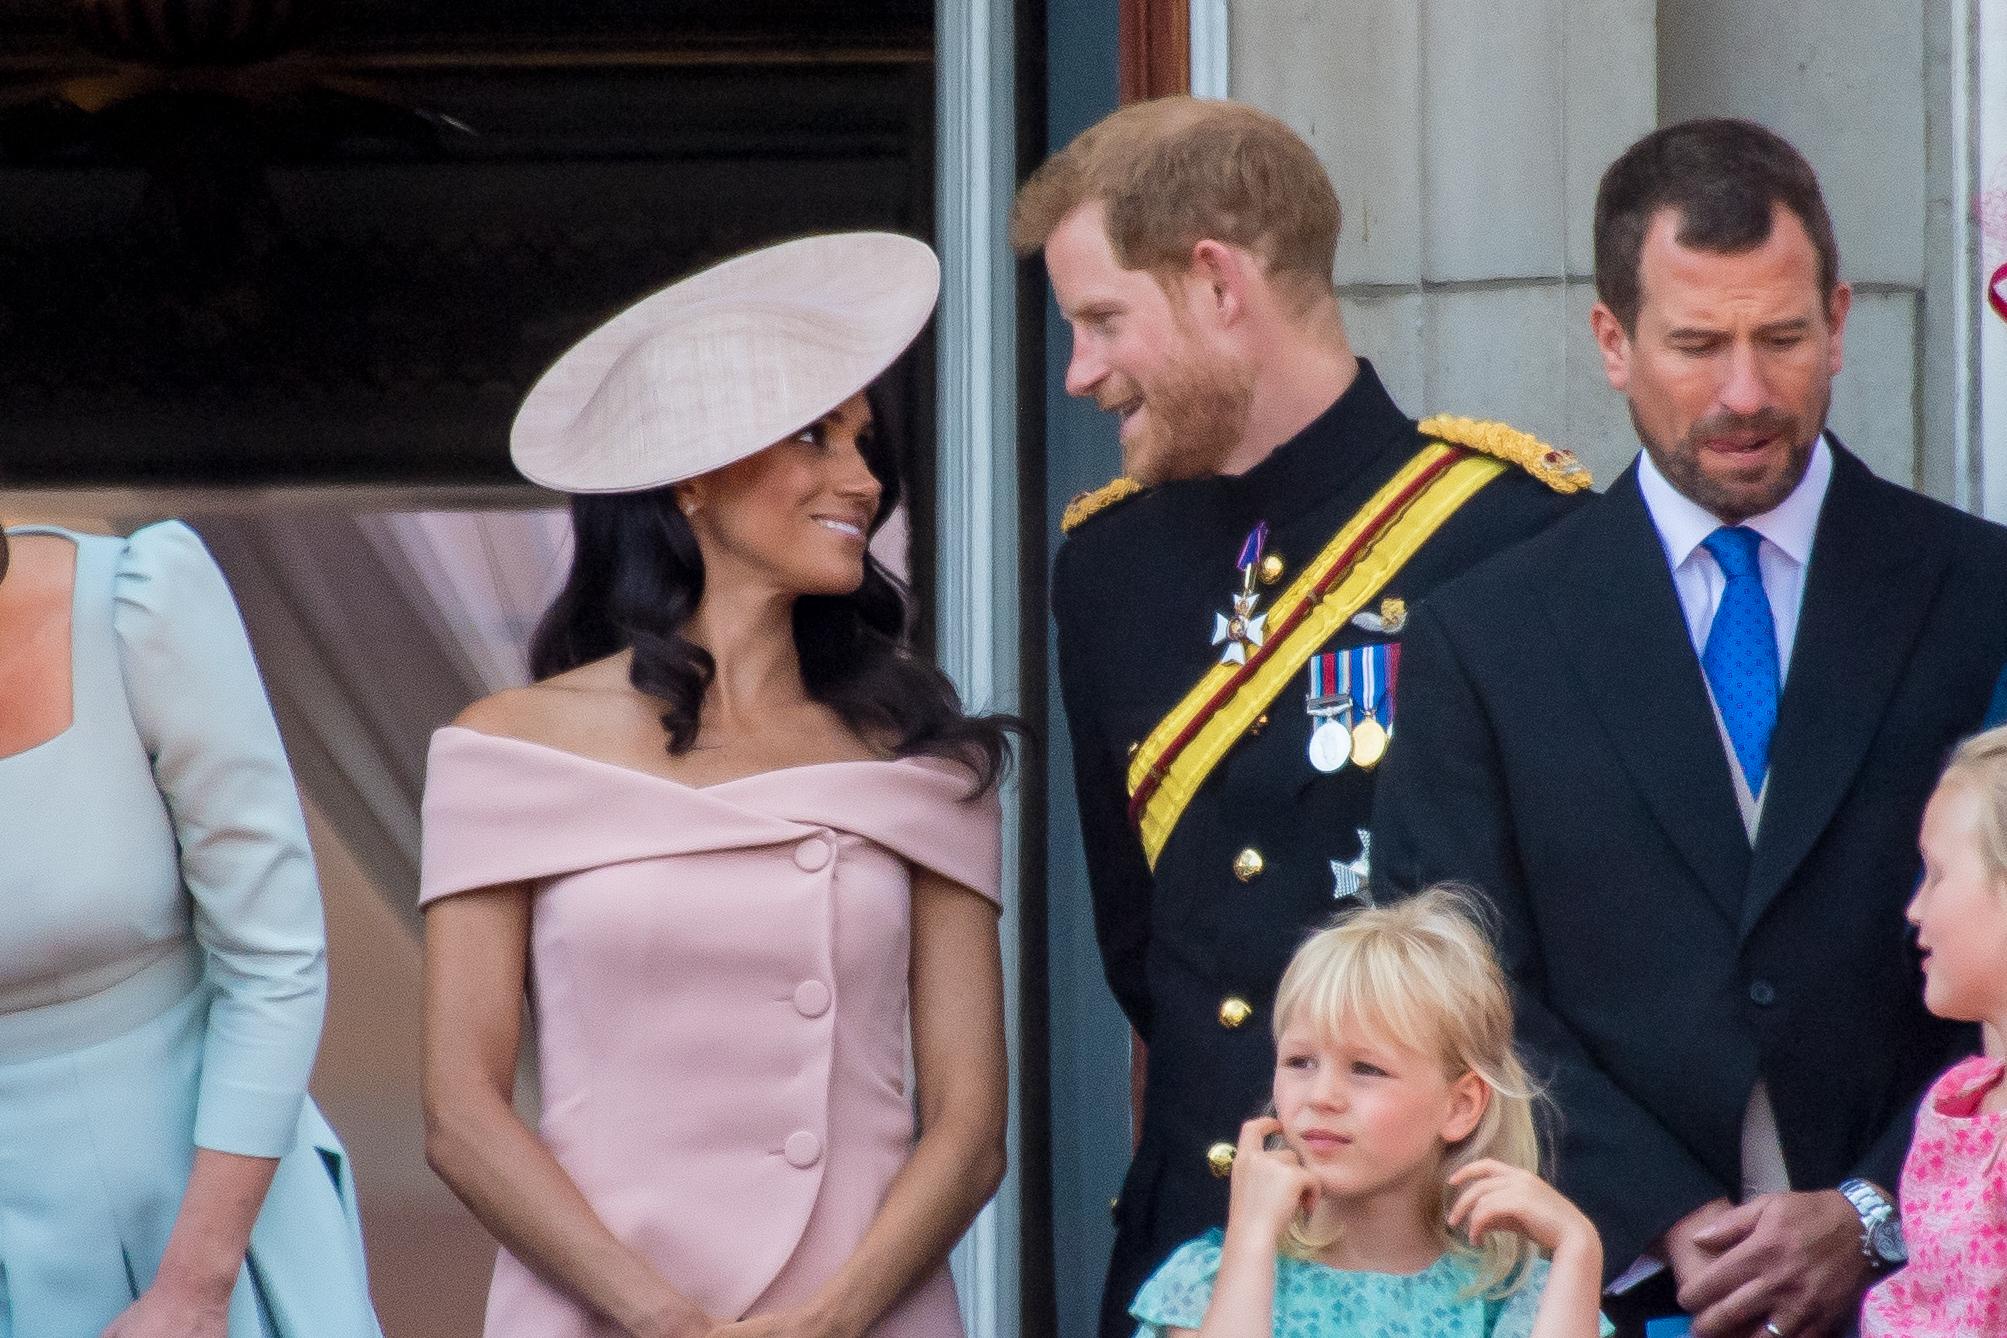 Τώρα μπορείς να αντιγράψεις το posh style της Meghan Markle Τα Zara κυκλοφόρησαν ένα μπλέιζερ με ανοιχτούς ώμους, το οποίο θυμίζει πολύ το ροζ σχέδιο που φορούσε του οίκου Carolina Herrera που φόρεσε η Meghan λίγες μέρες μετά τον γάμο της με τον πρίγκιπα Harry.